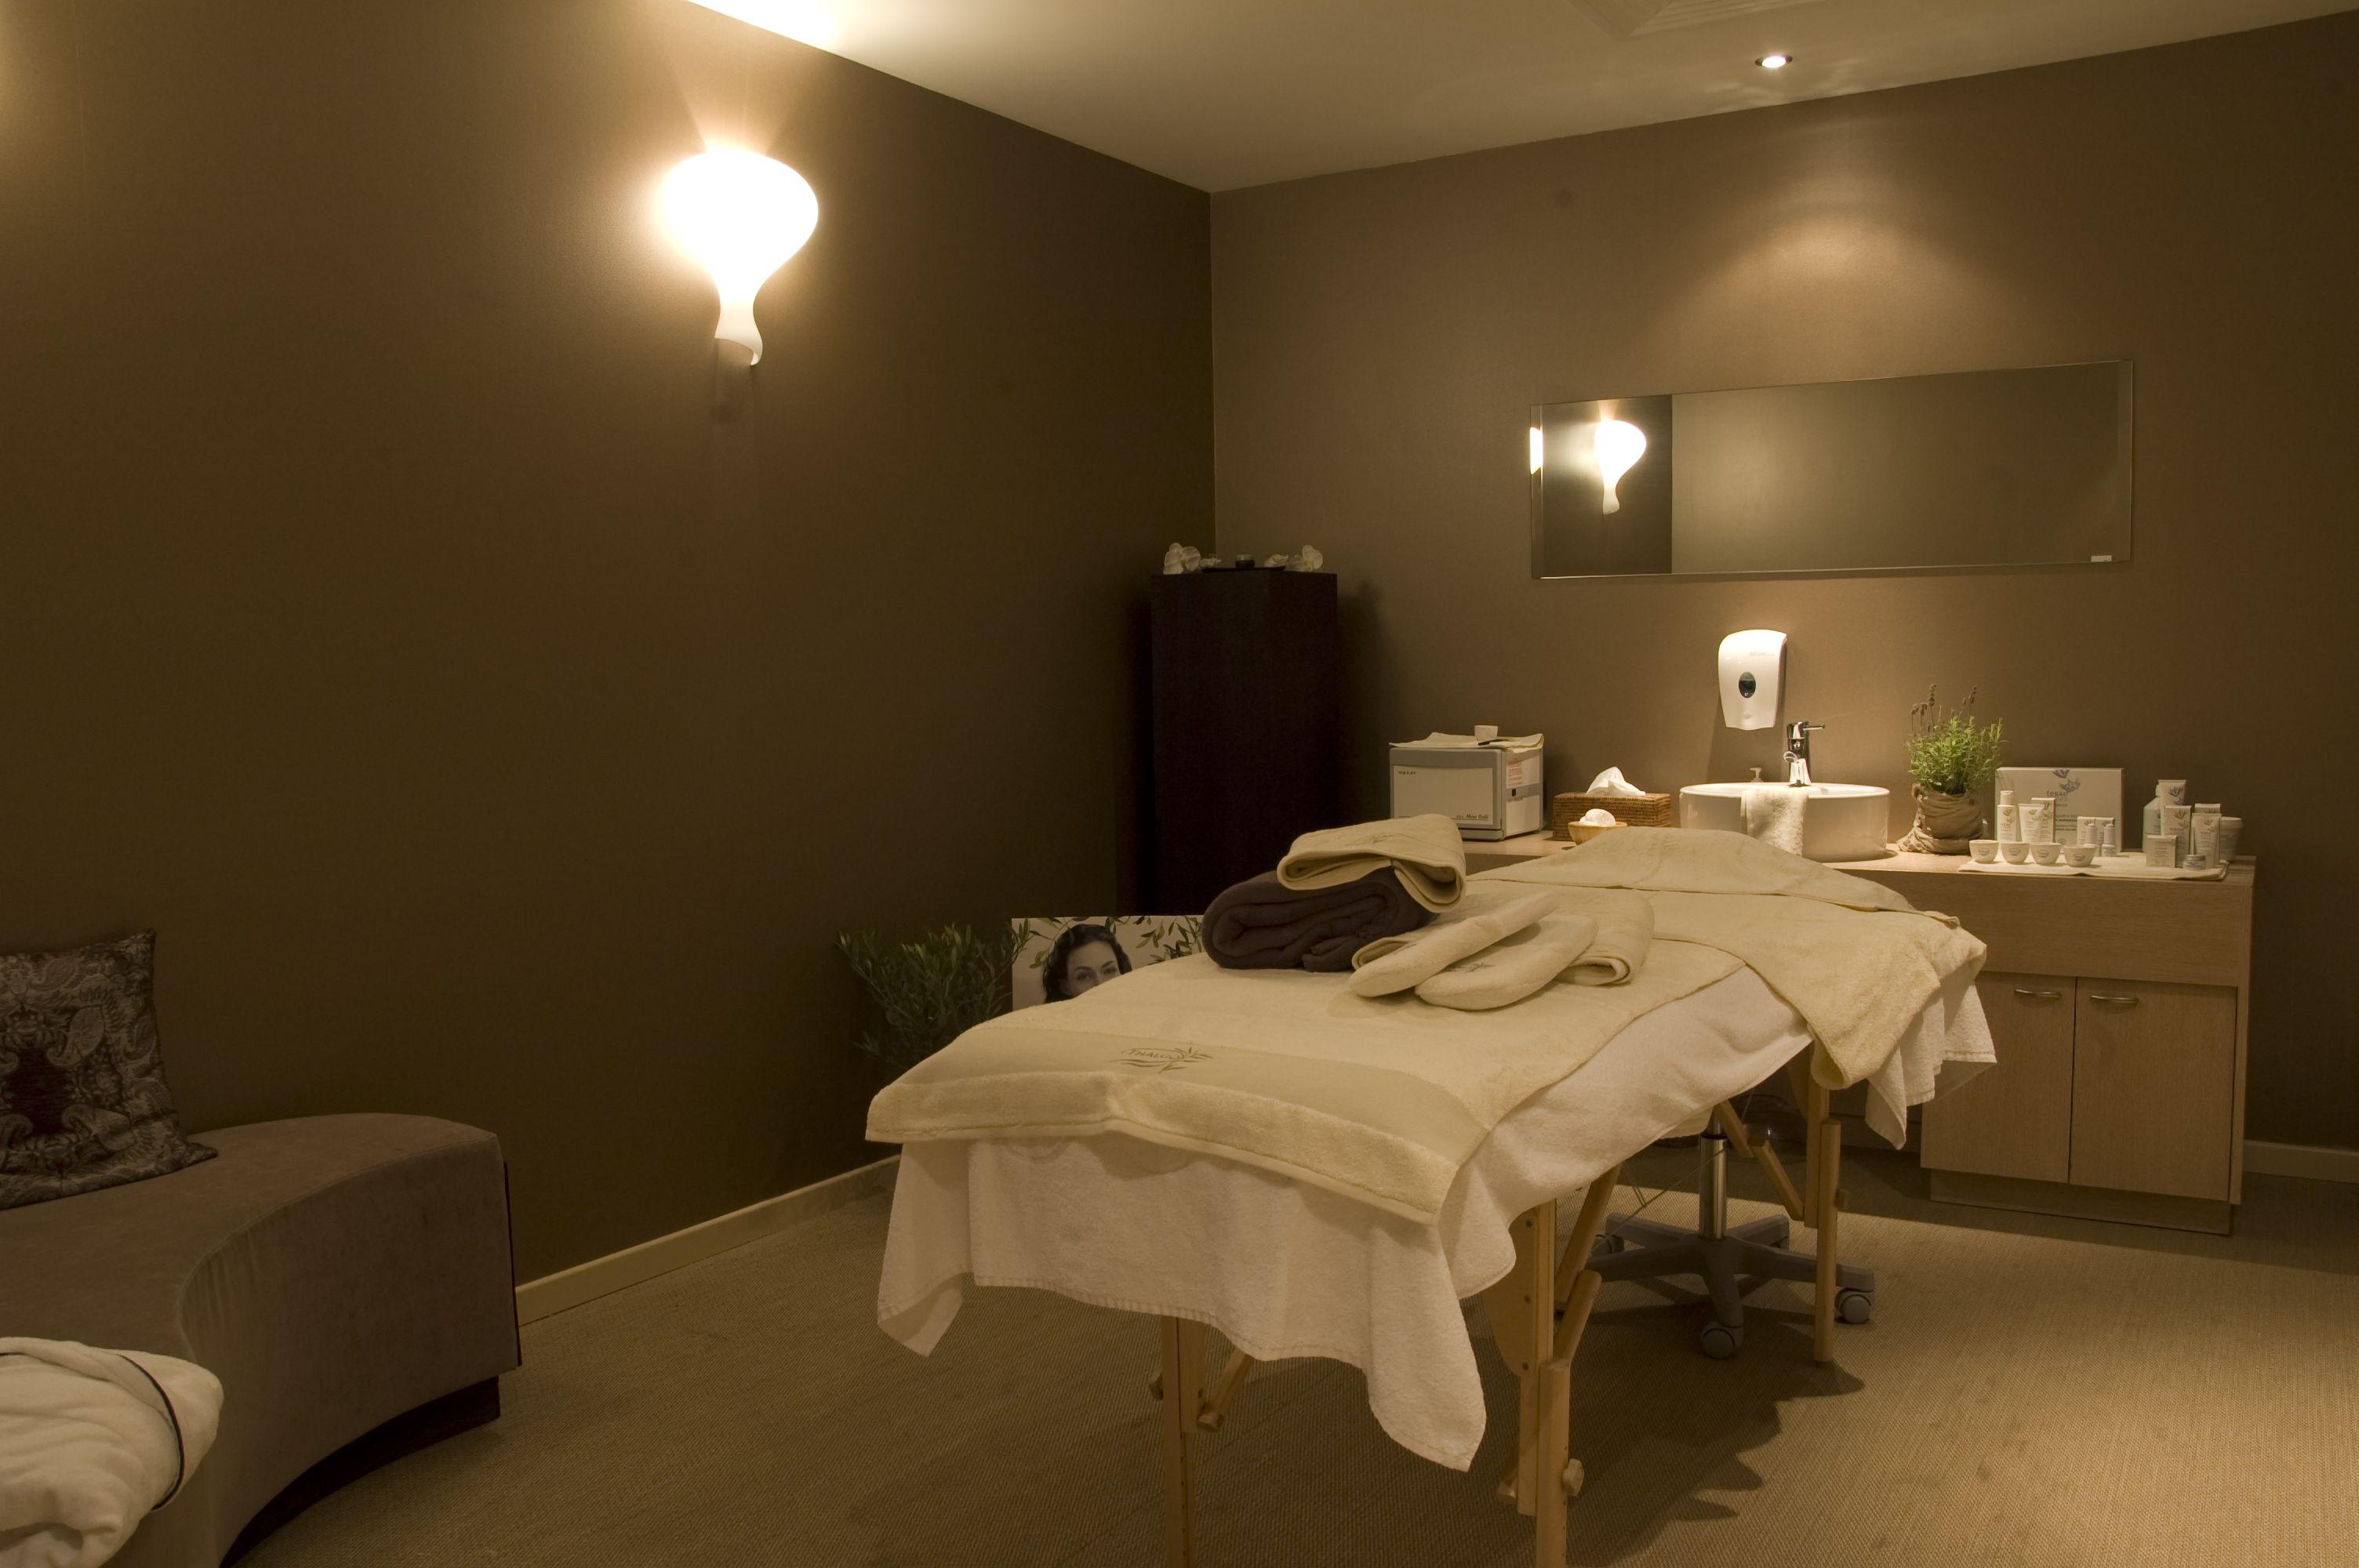 Luxe schoonheidssalon inrichting google zoeken salon for A luxe beauty salon